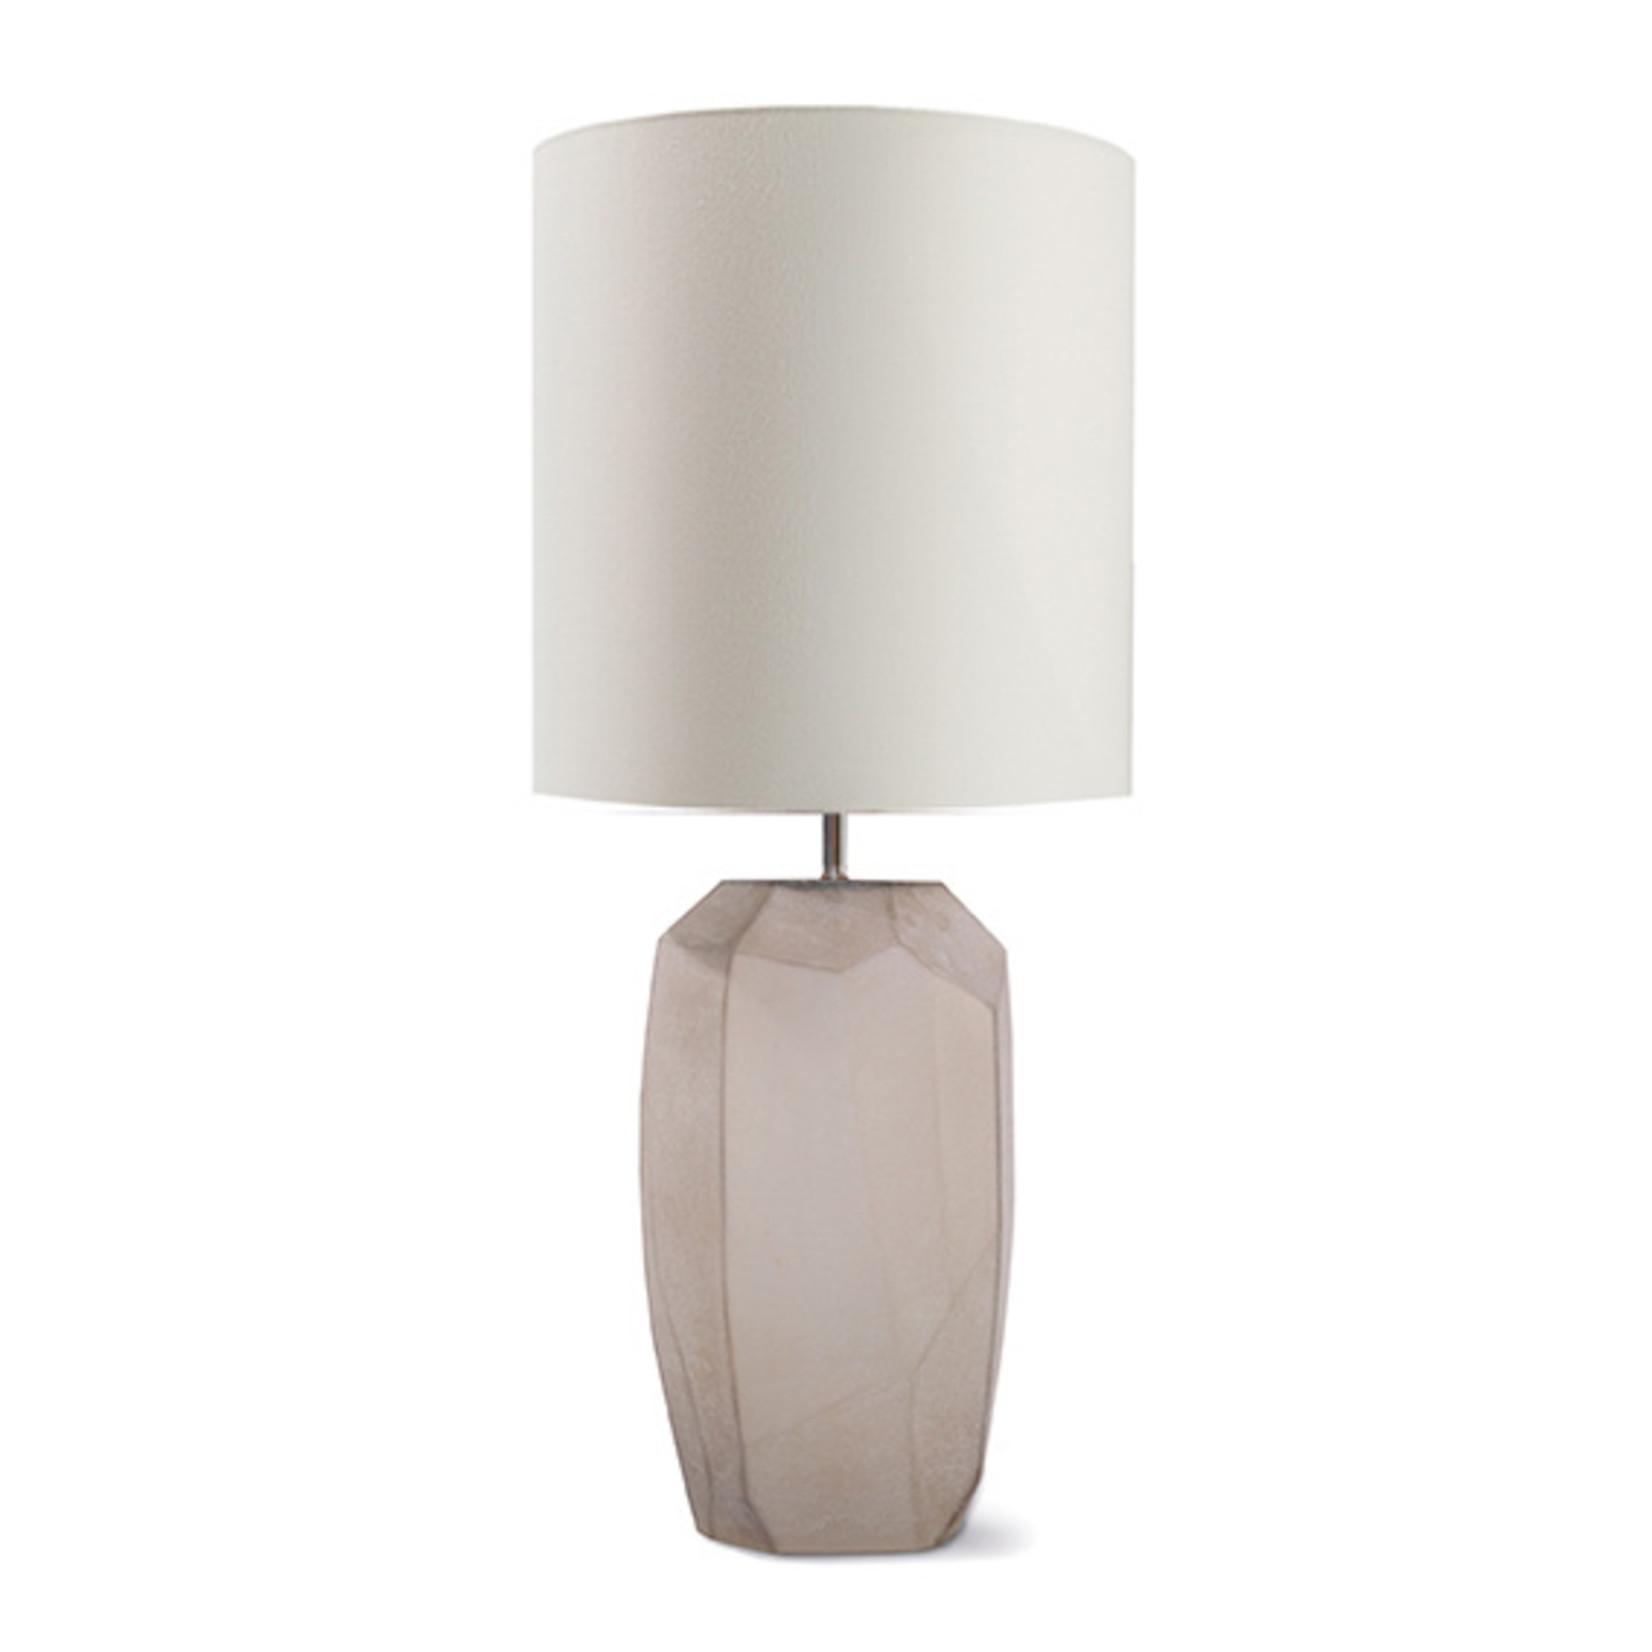 Guaxs Tafellamp Cubistic Tall | Smokegrey